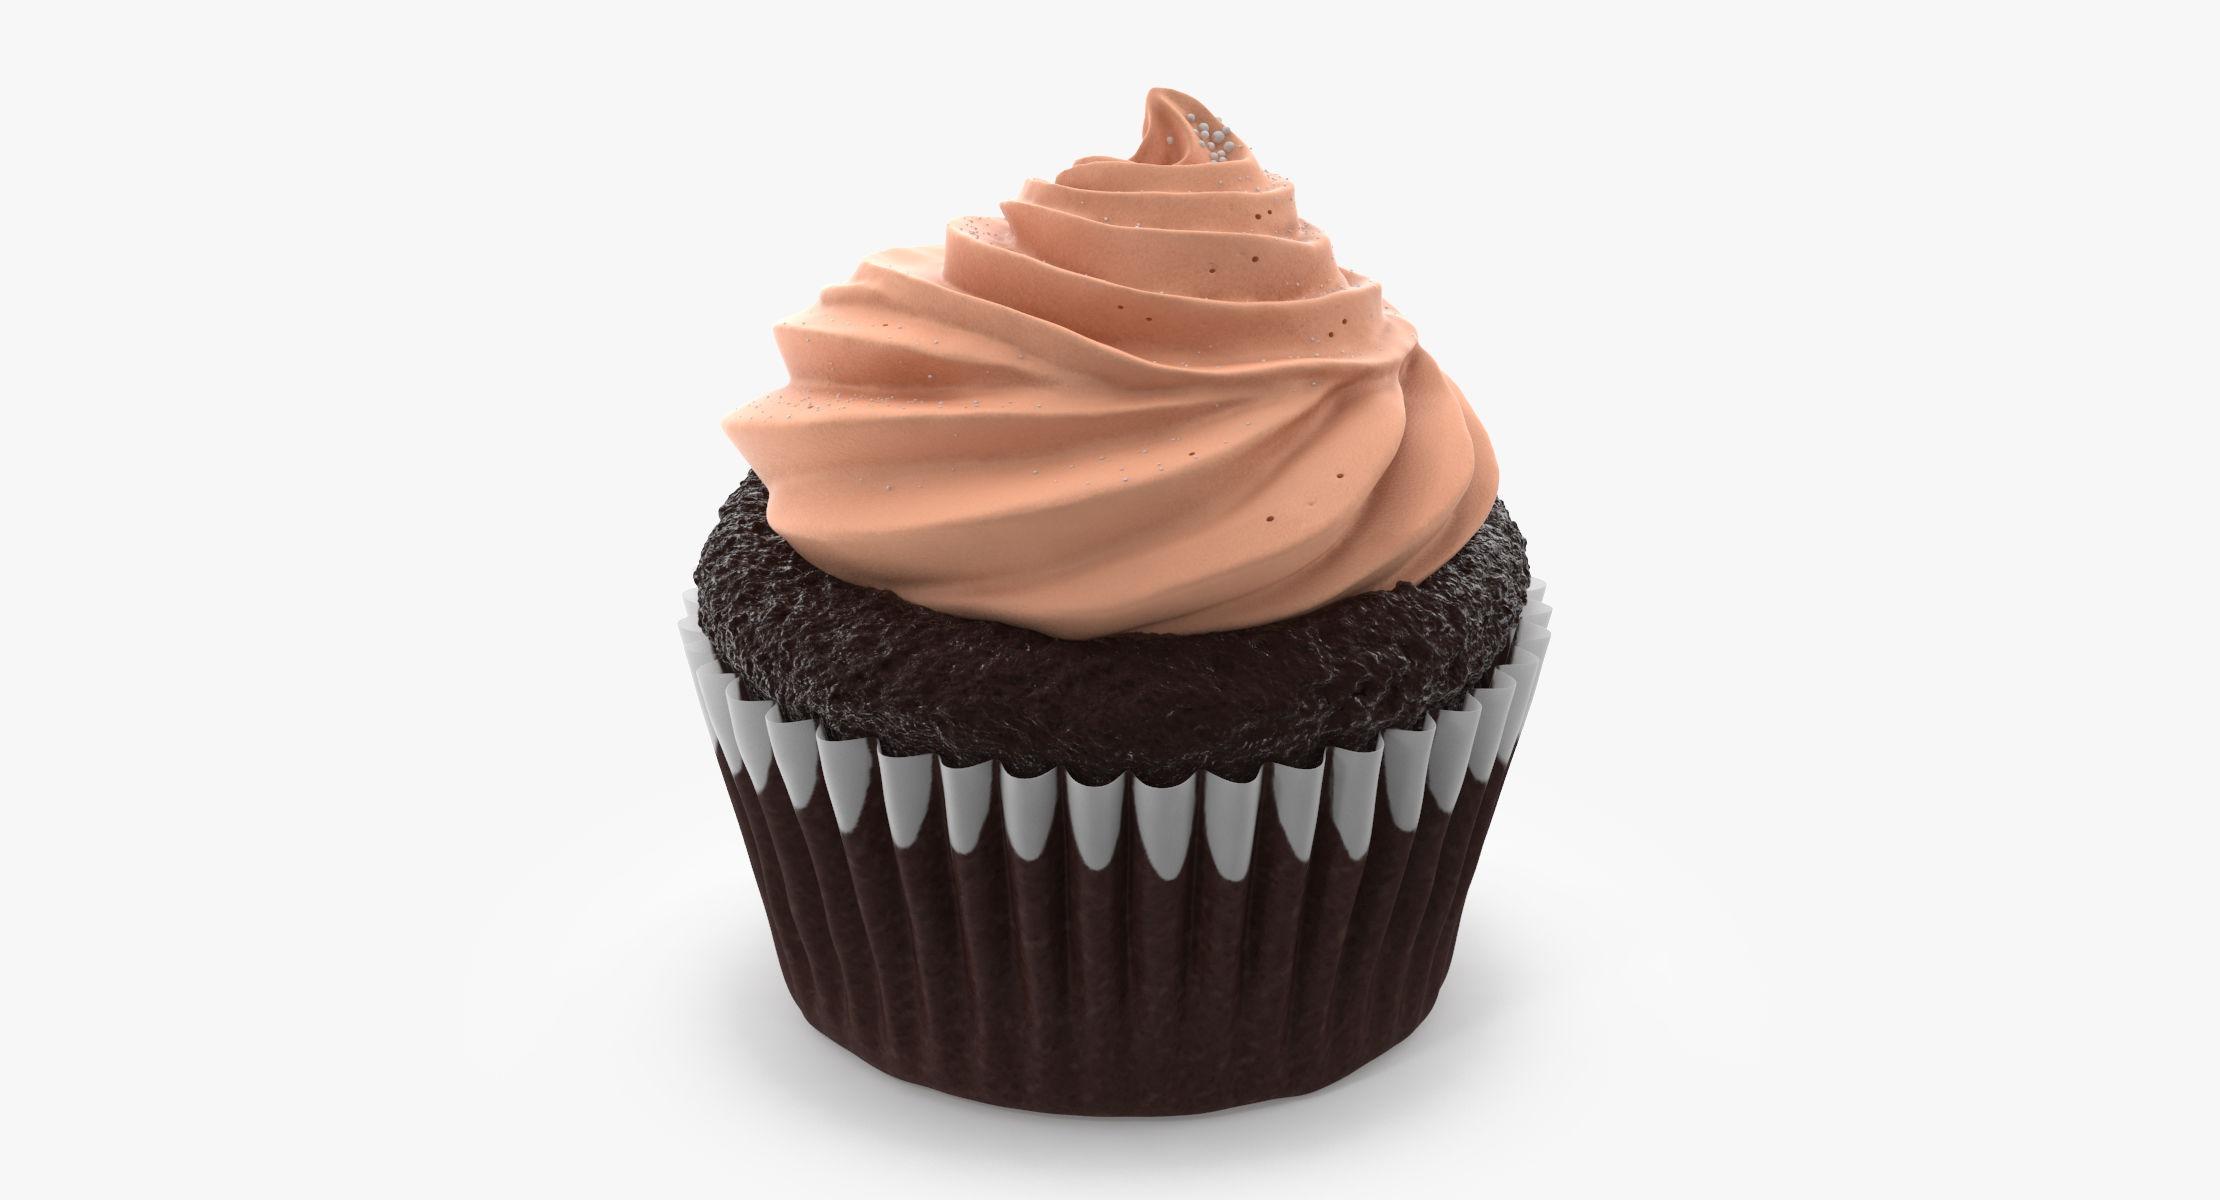 Cupcake 02 - reel 1